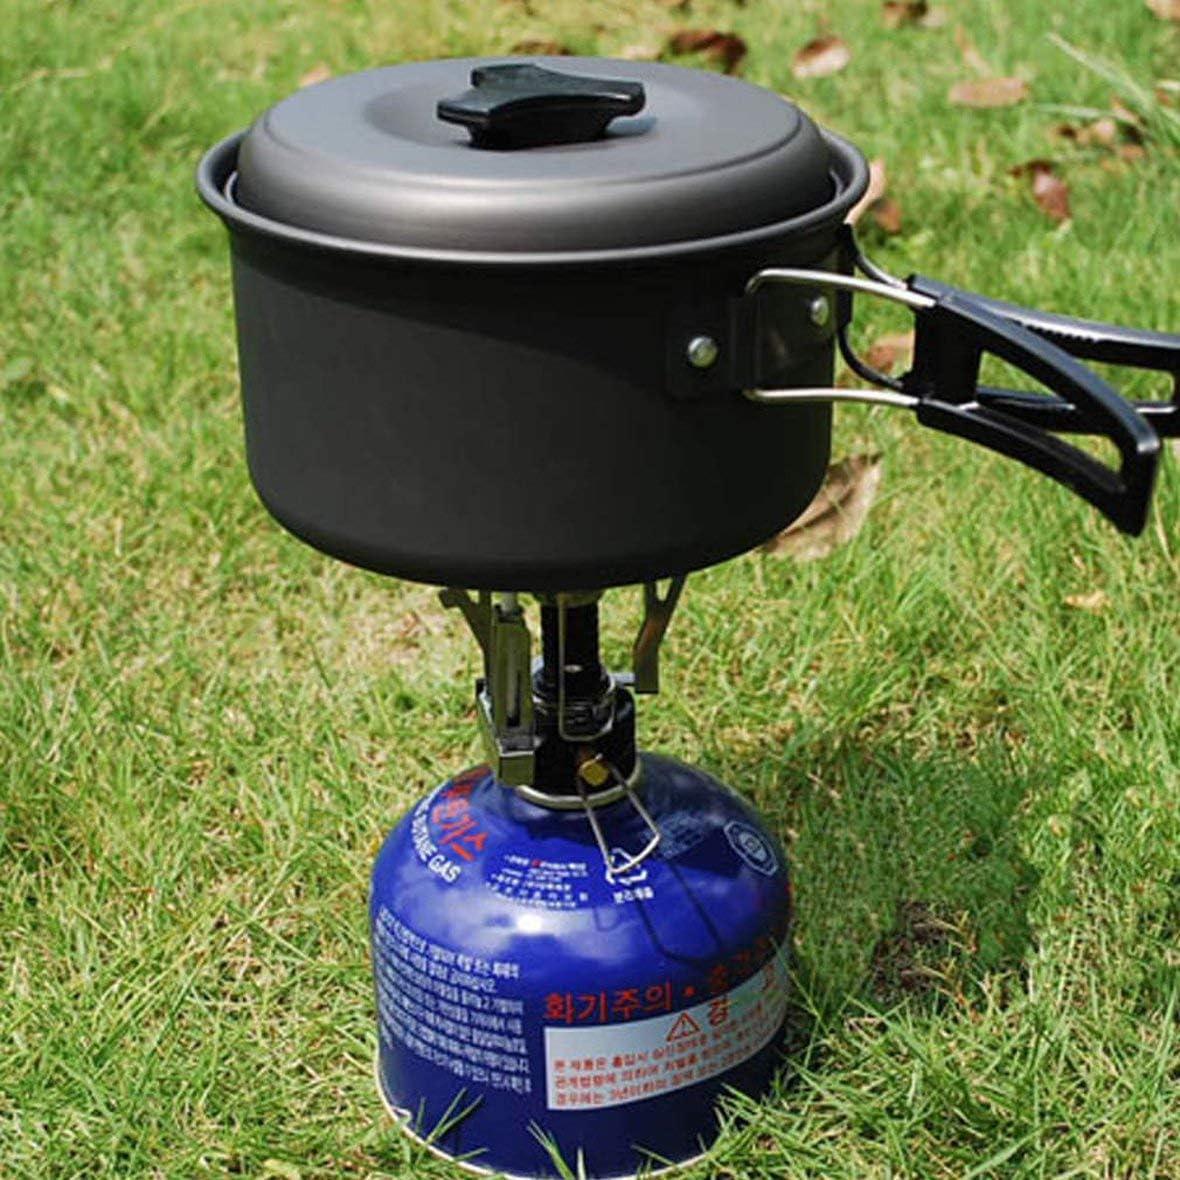 Zubeh/ör f/ür Outdoor-Ger/äte Heaviesk Automatischer tragbarer Gaskocher f/ür den Au/ßenbereich Wandern f/ür Camping klappbar